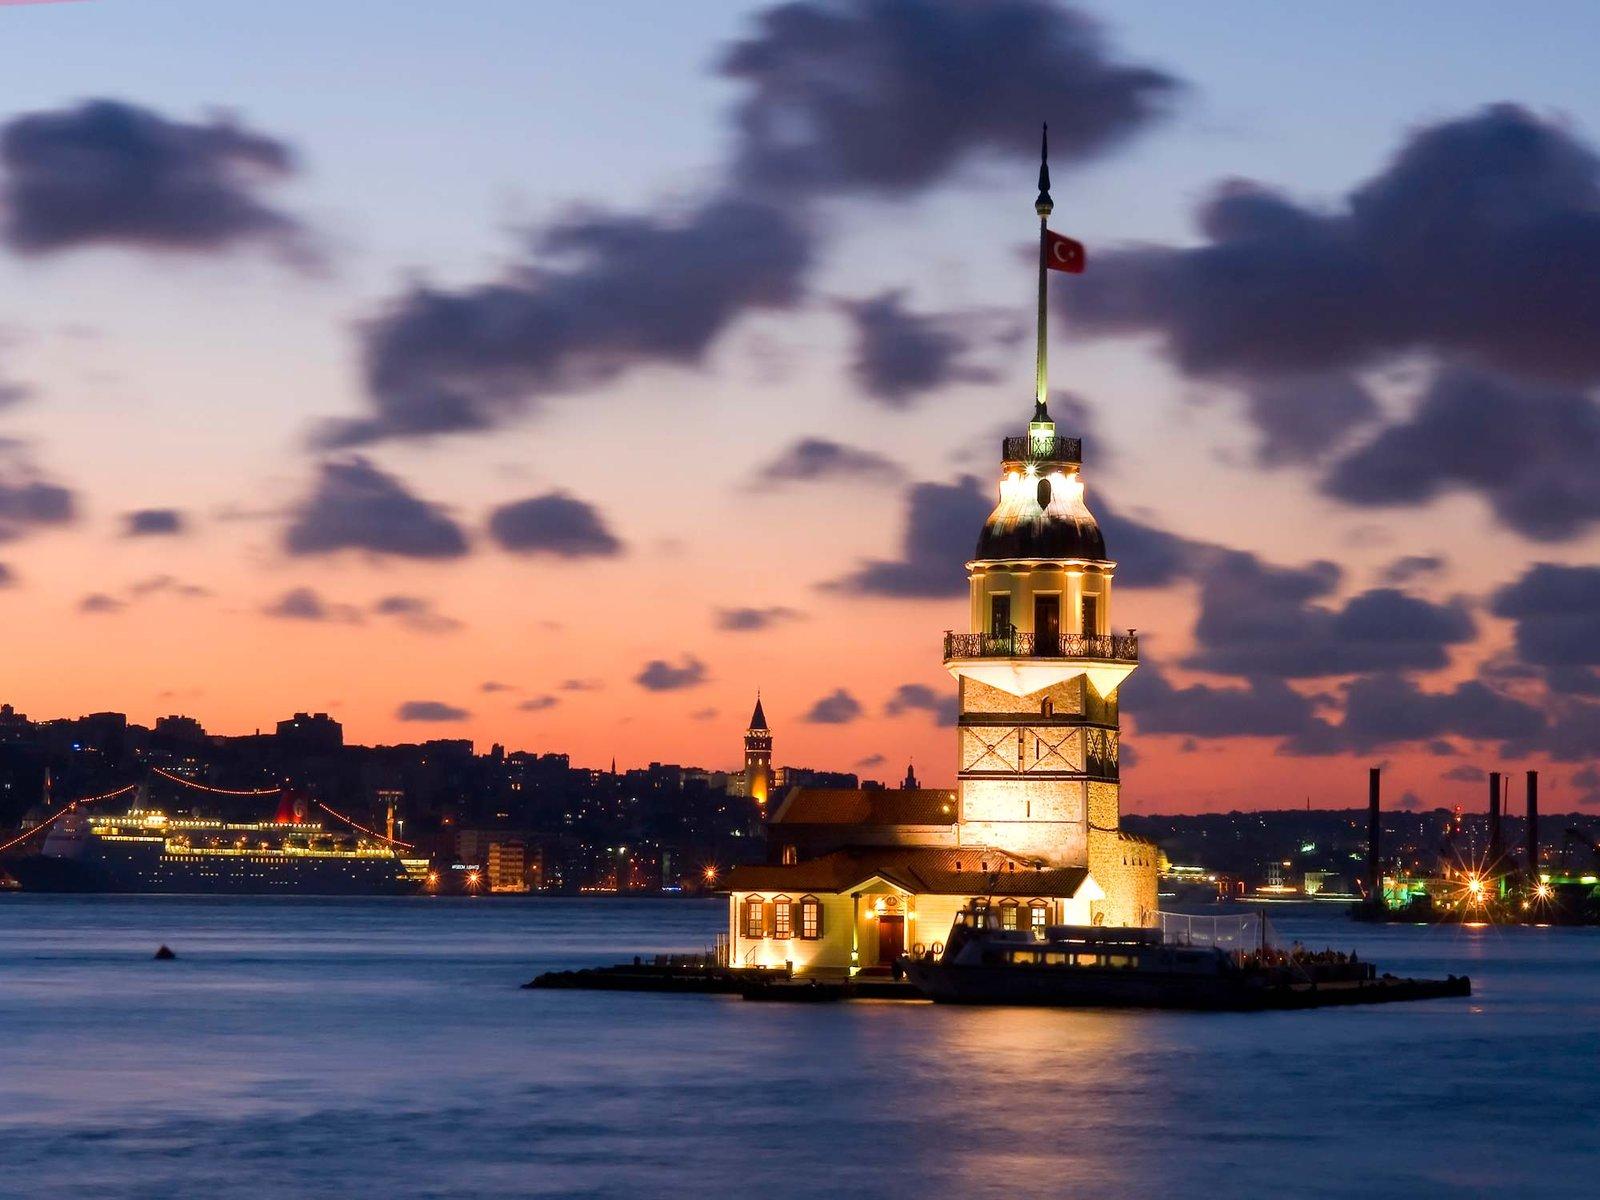 Κωνσταντινούπολη, 5 ημέρες